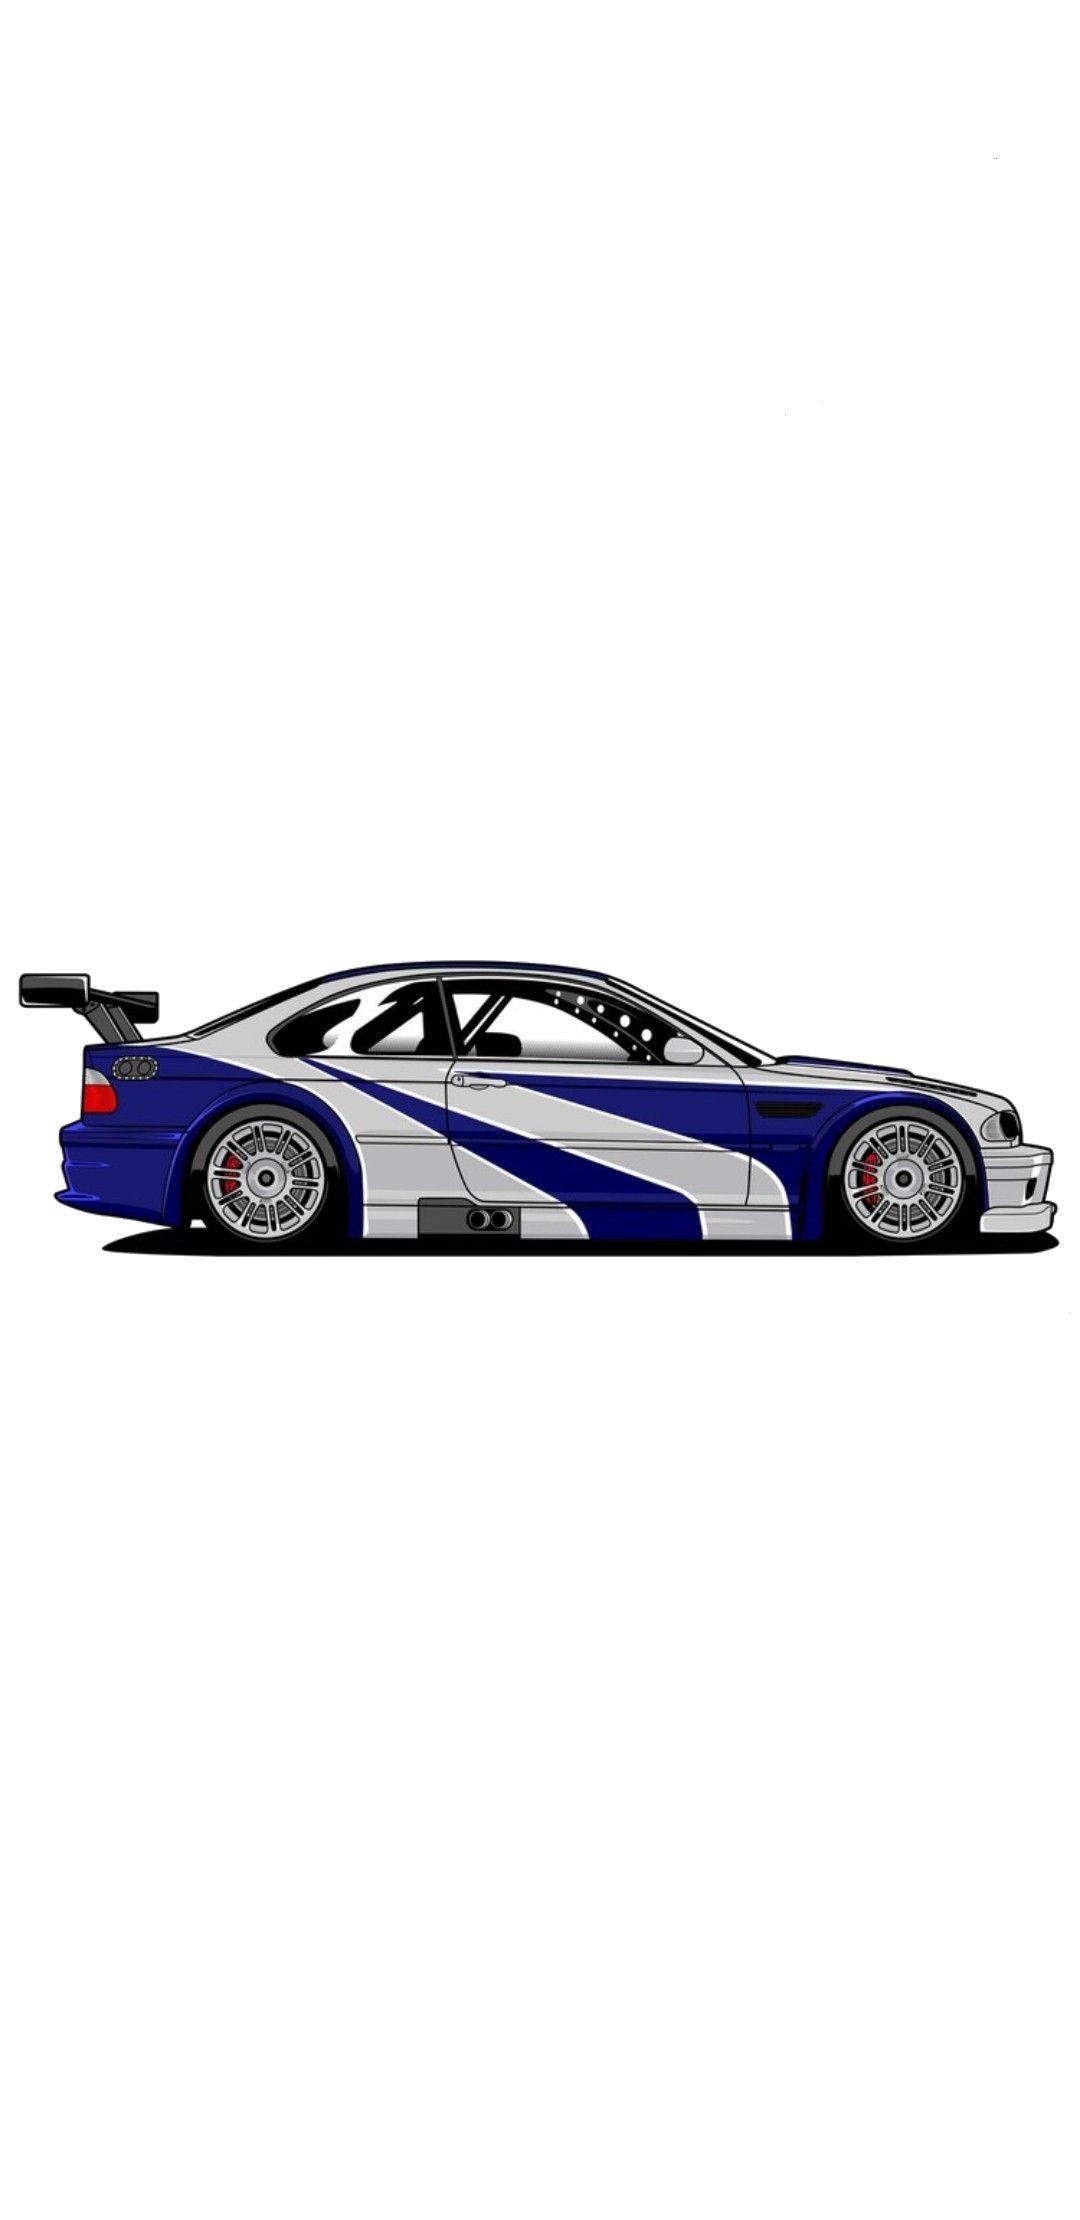 Bmw M3 Gtr Mobil Sport Mobil Sketsa